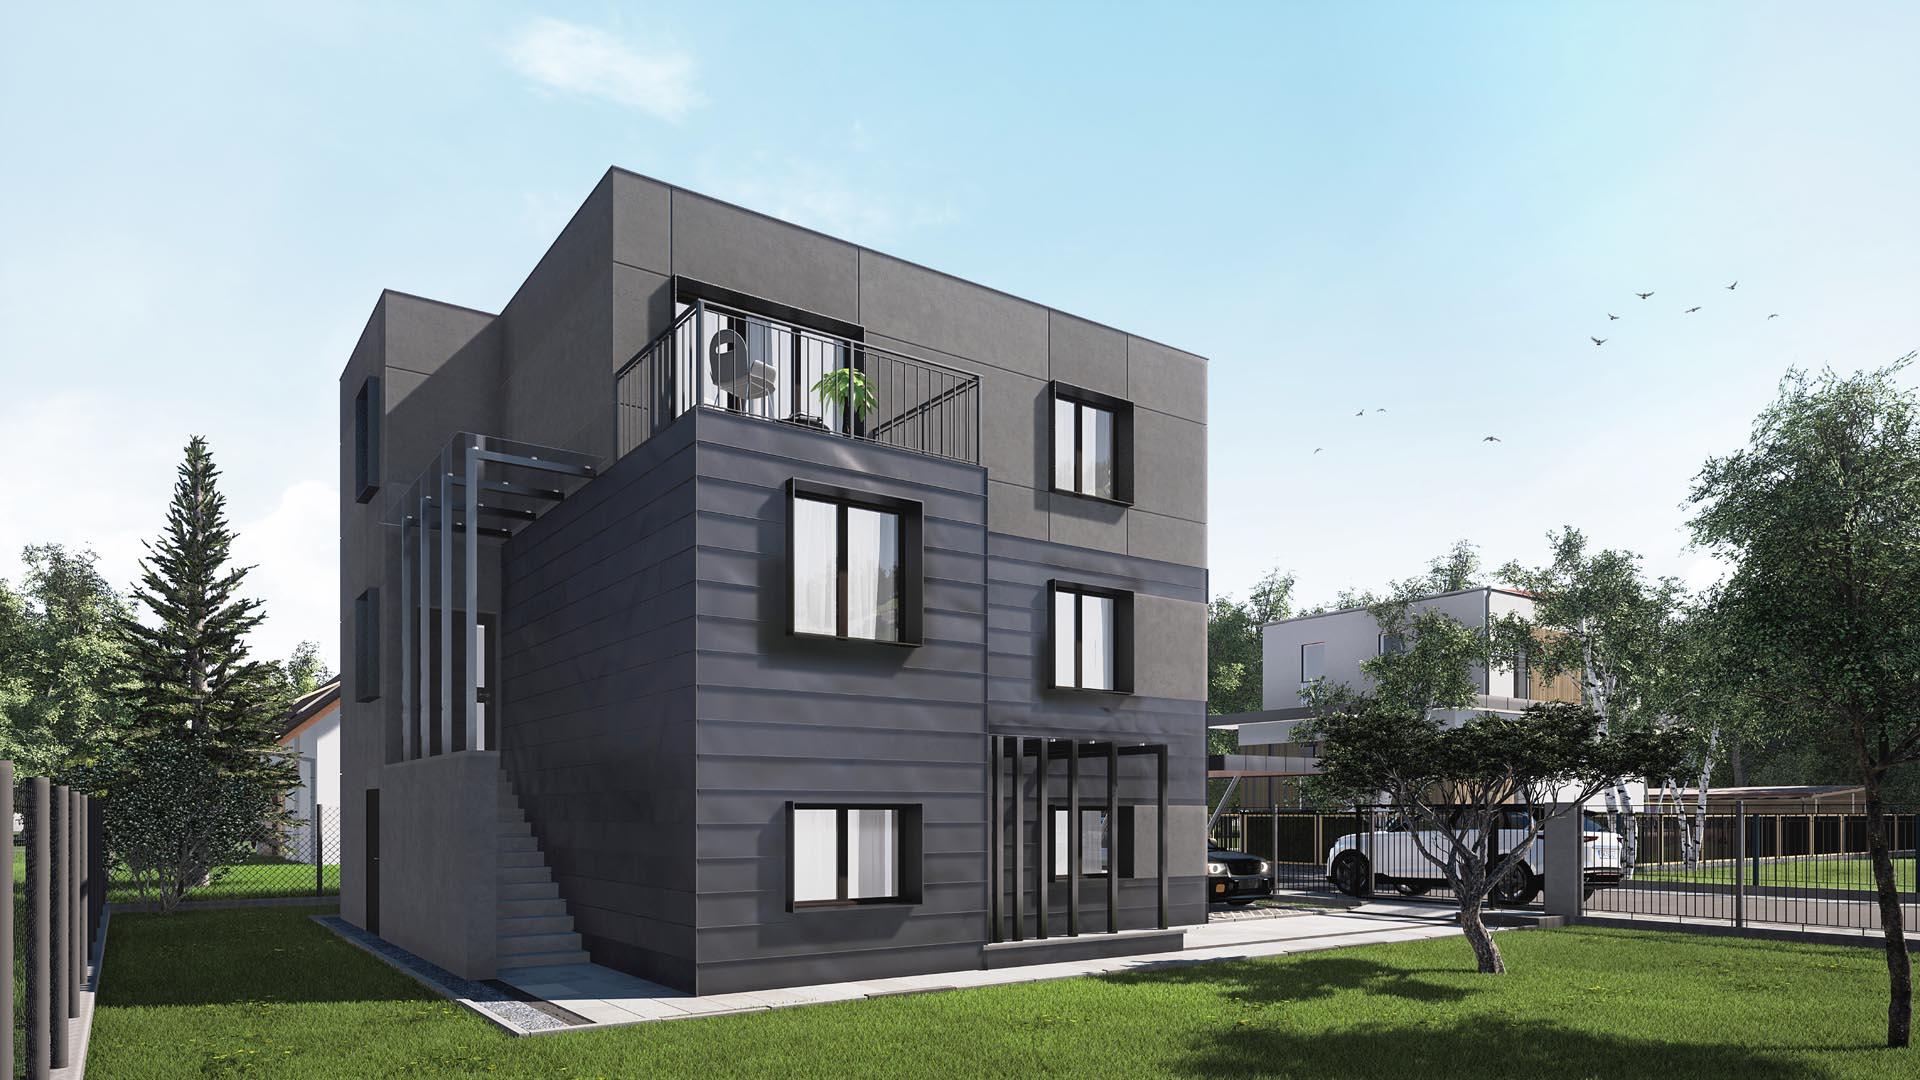 przebudowa re modeling budynku jednorodzinnego bielsko-biała 03